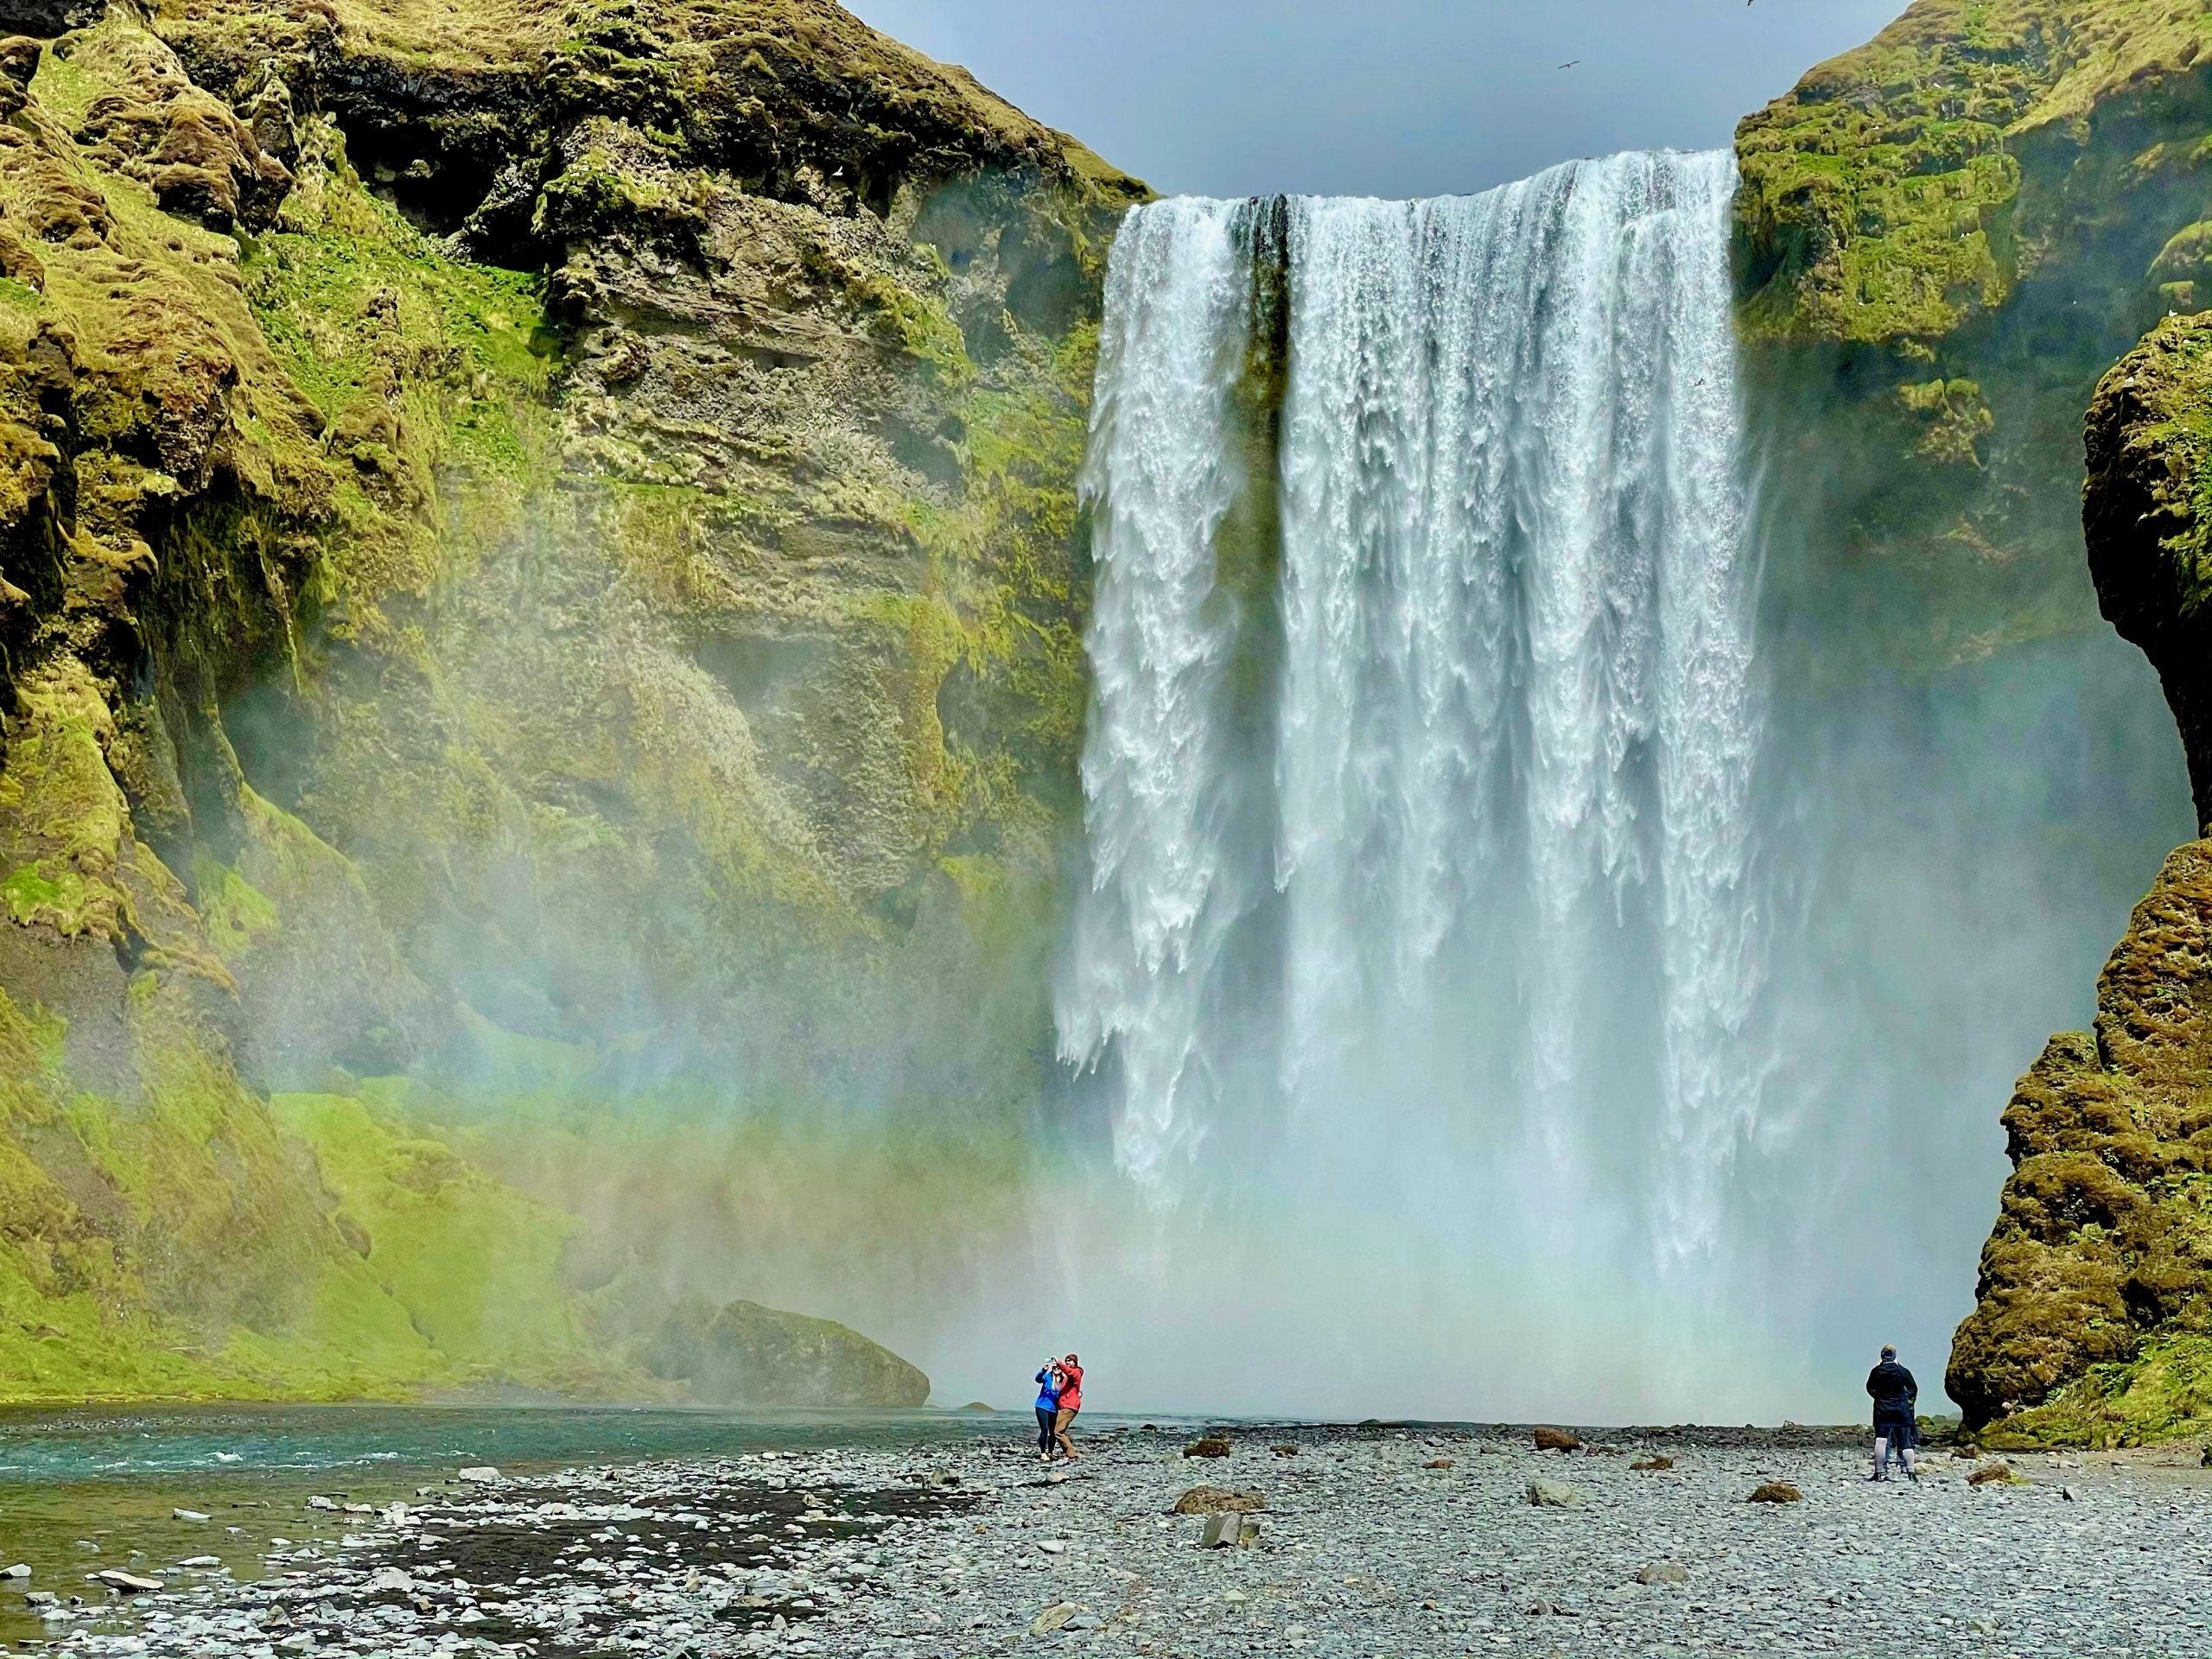 Deal alert: Iceland flights for $400 round-trip